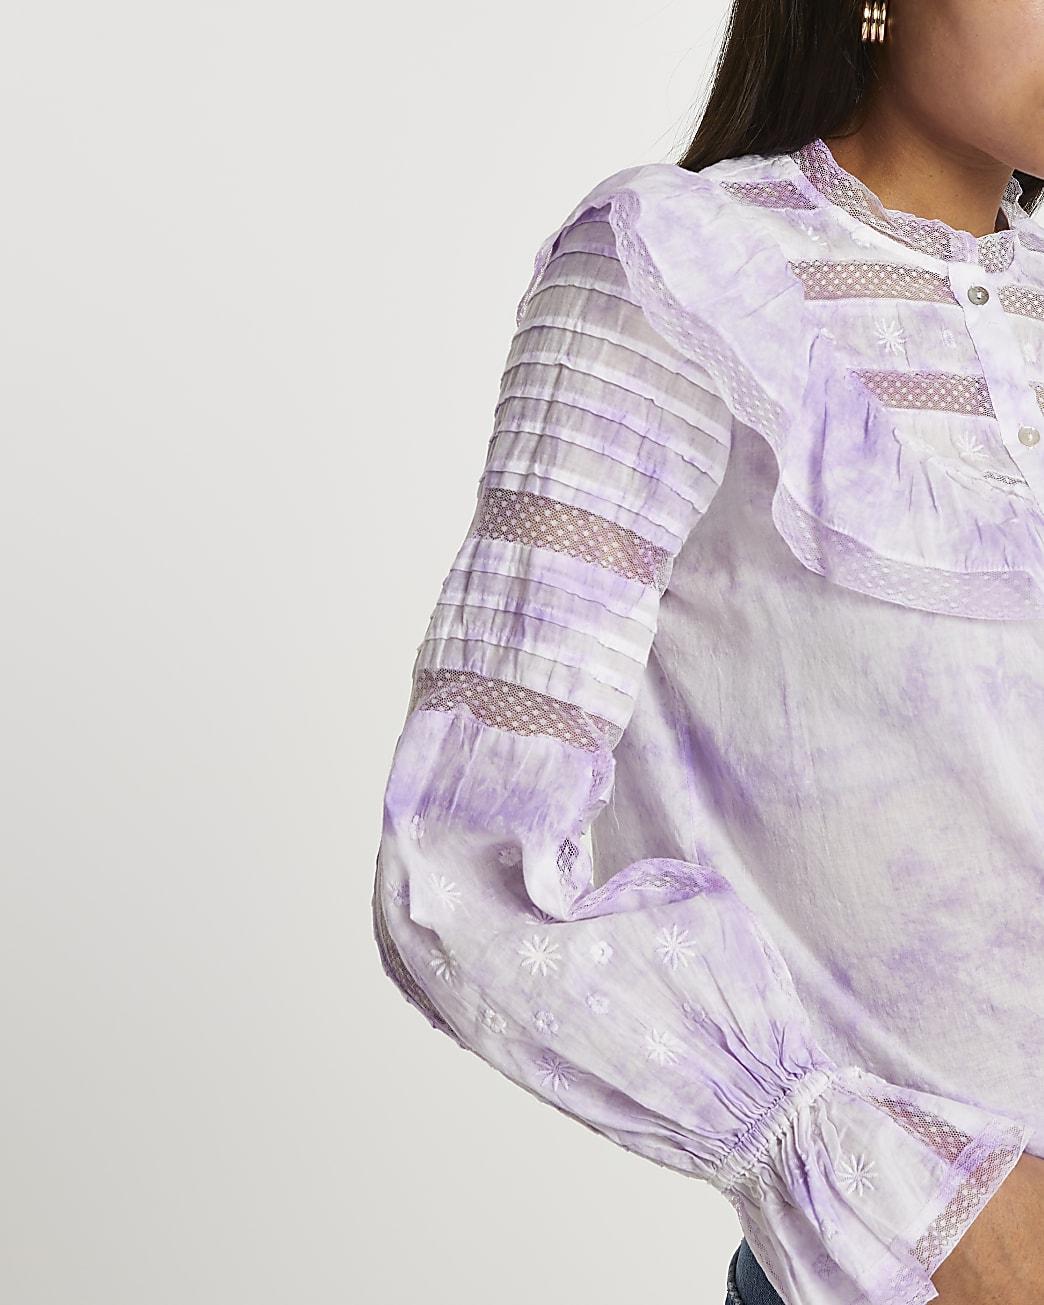 Purple tie dye long sleeve blouse top